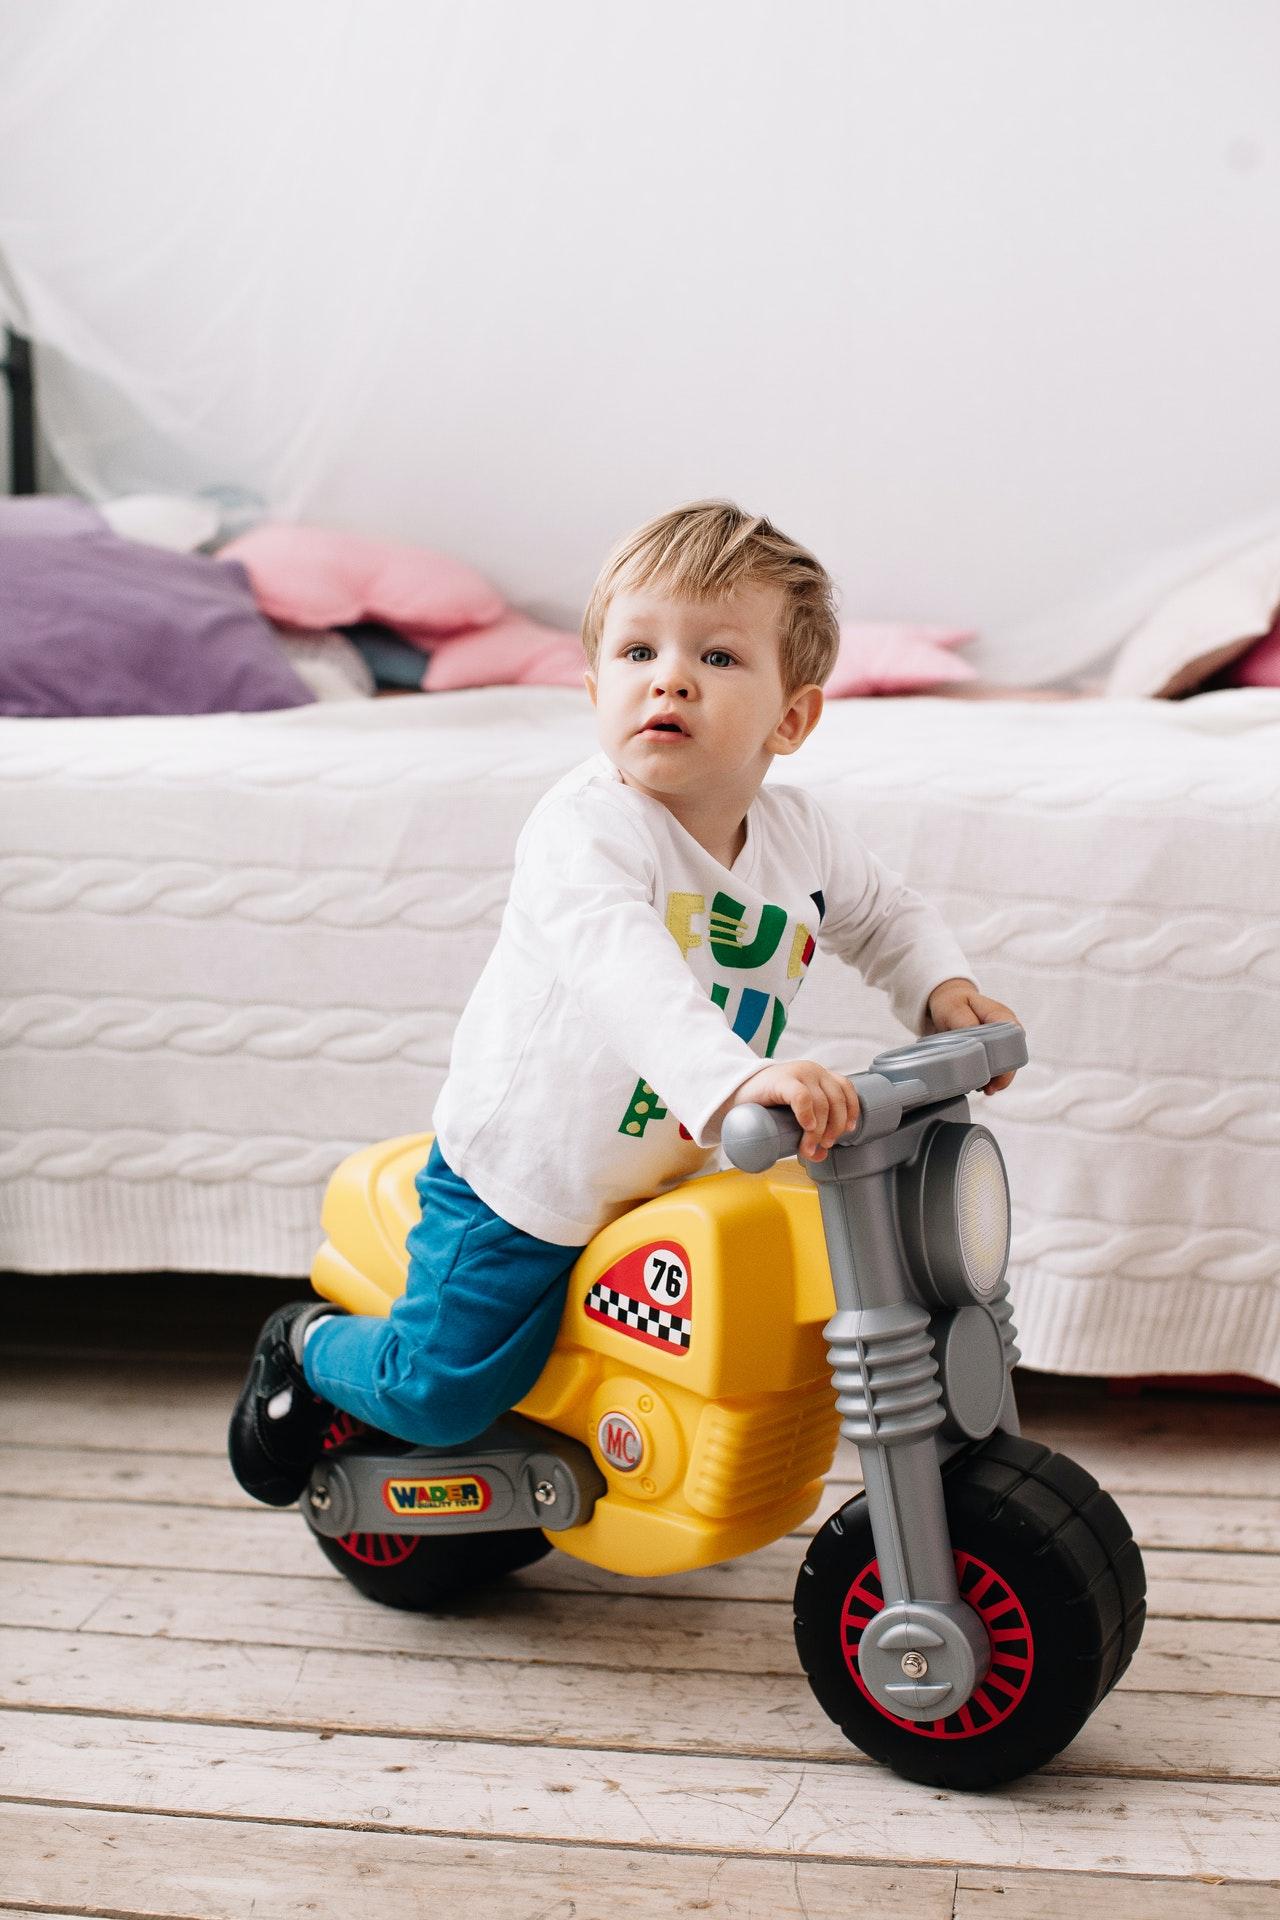 moto électrique enfant